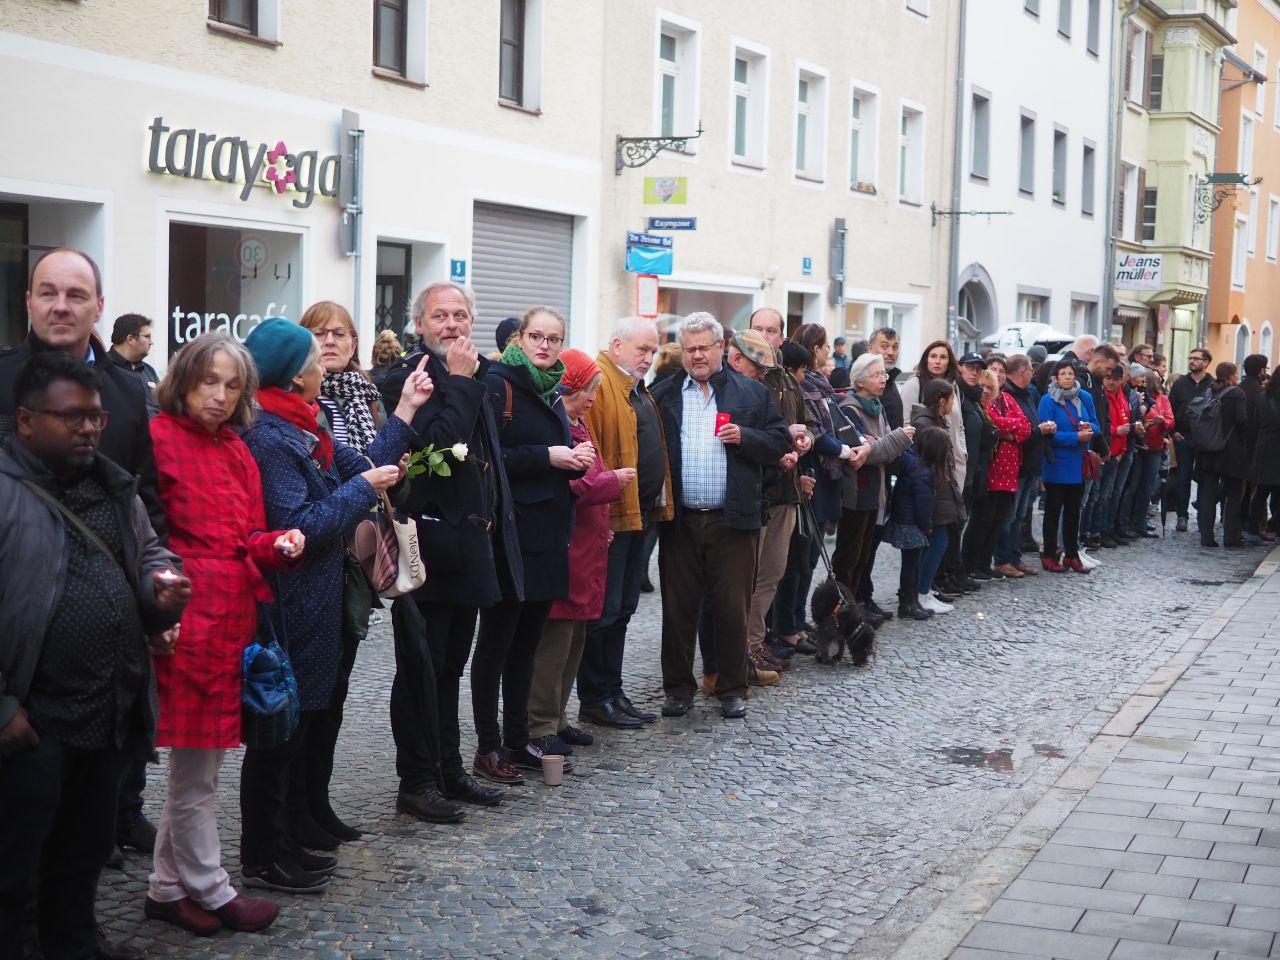 Wir stehen zusammen – Mahnwache gegen Antisemitismus